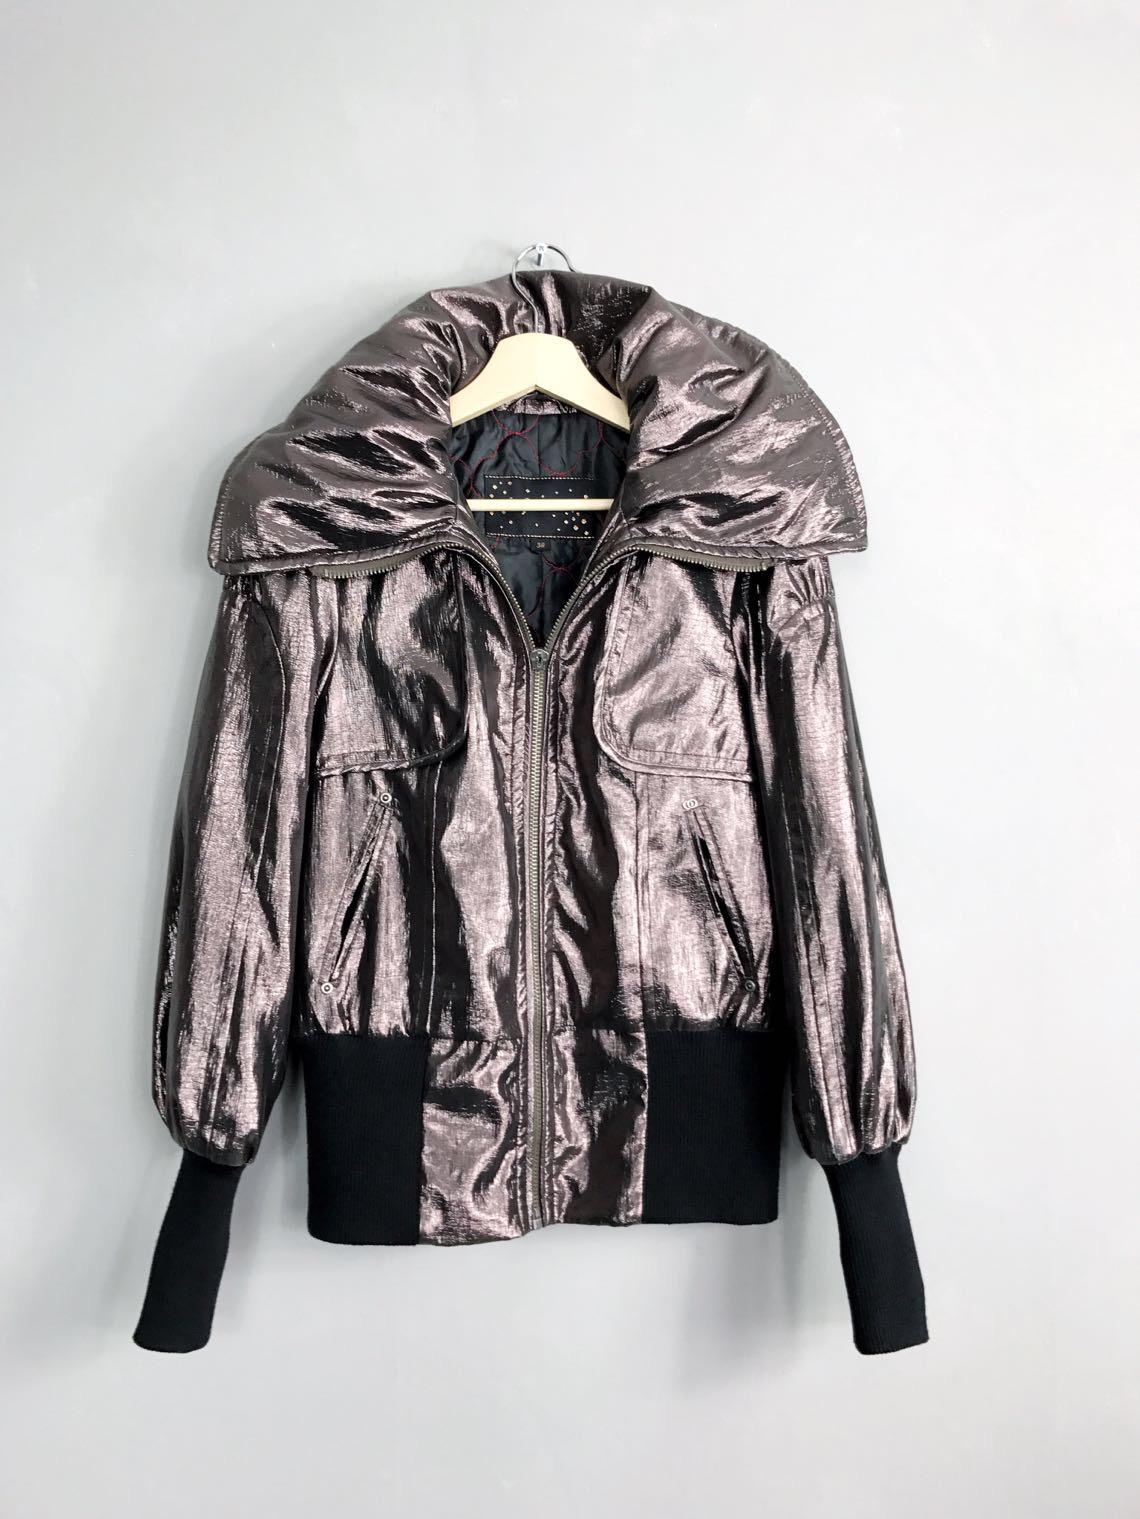 Metallic Jacke von SPOOM mit riesigem Kragen